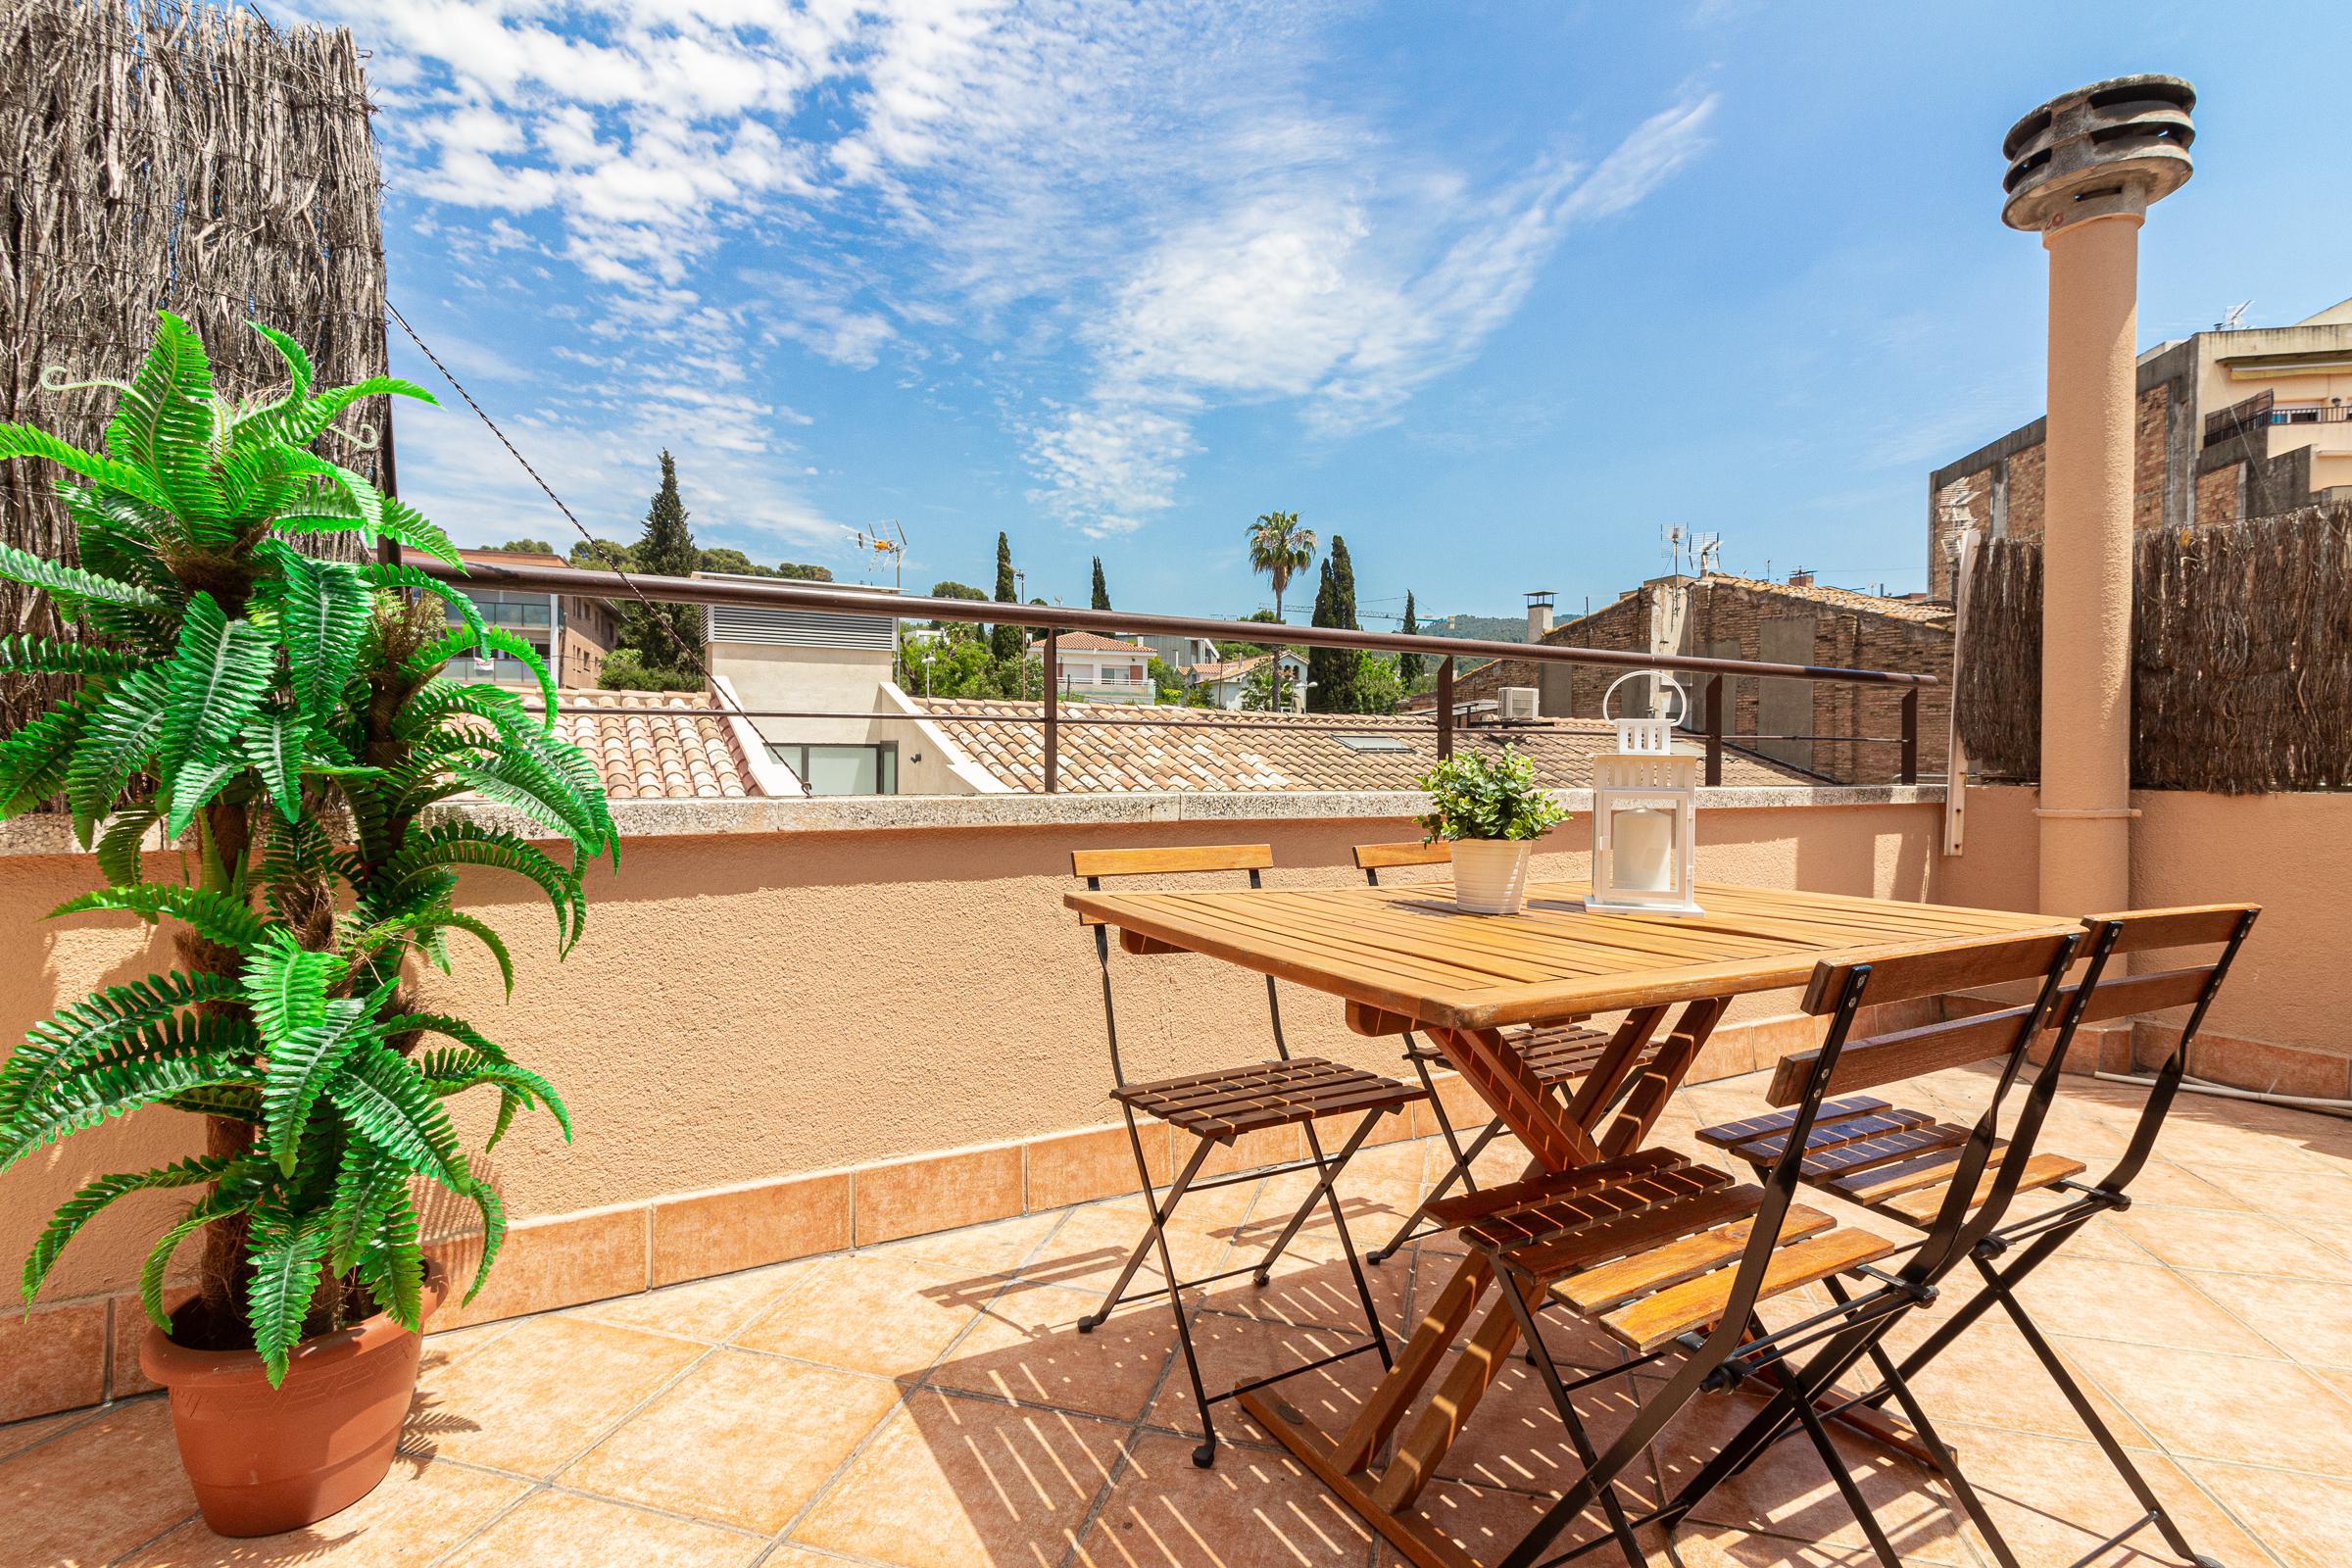 Imagen 3 Casa Adosada en venta en Molins De Rei / En pleno centro de Molins de Rei. Zona peatonal